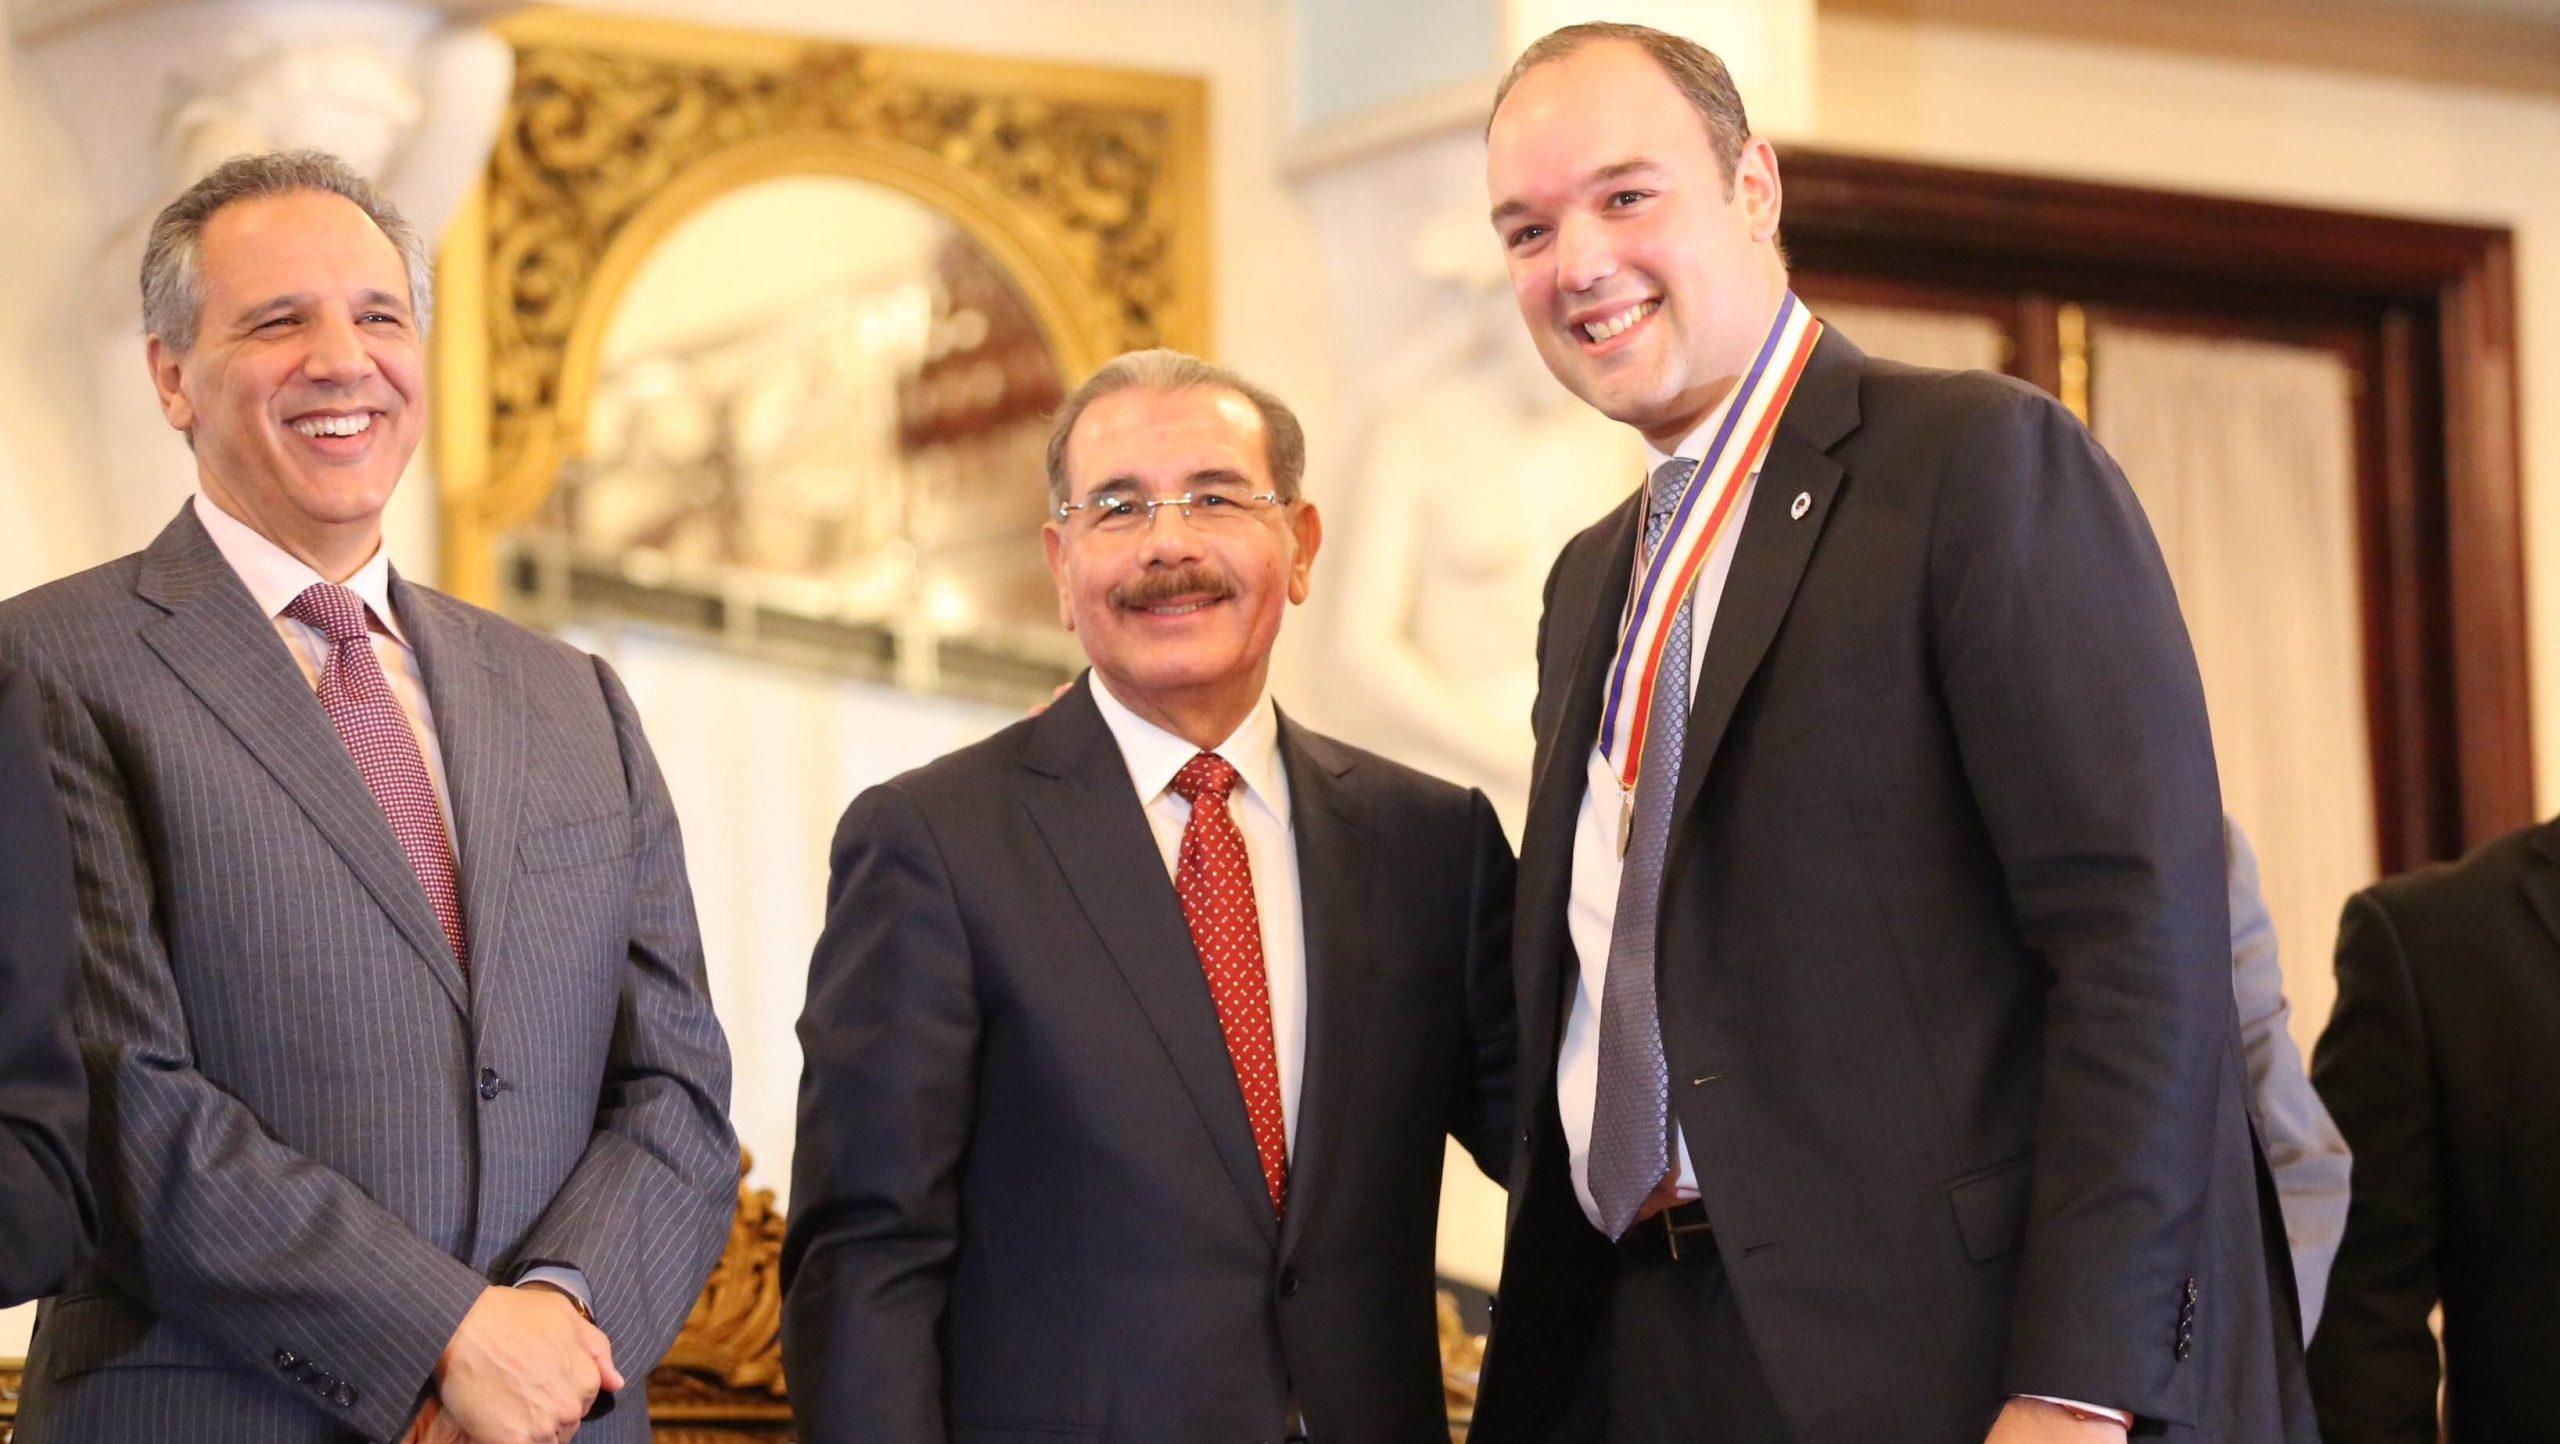 El presidente Danilo Medina junto a los ministros José Ramón Peralta y José del Castillo Saviñón, durante el acto en el Palacio Nacional este jueves./elDinero